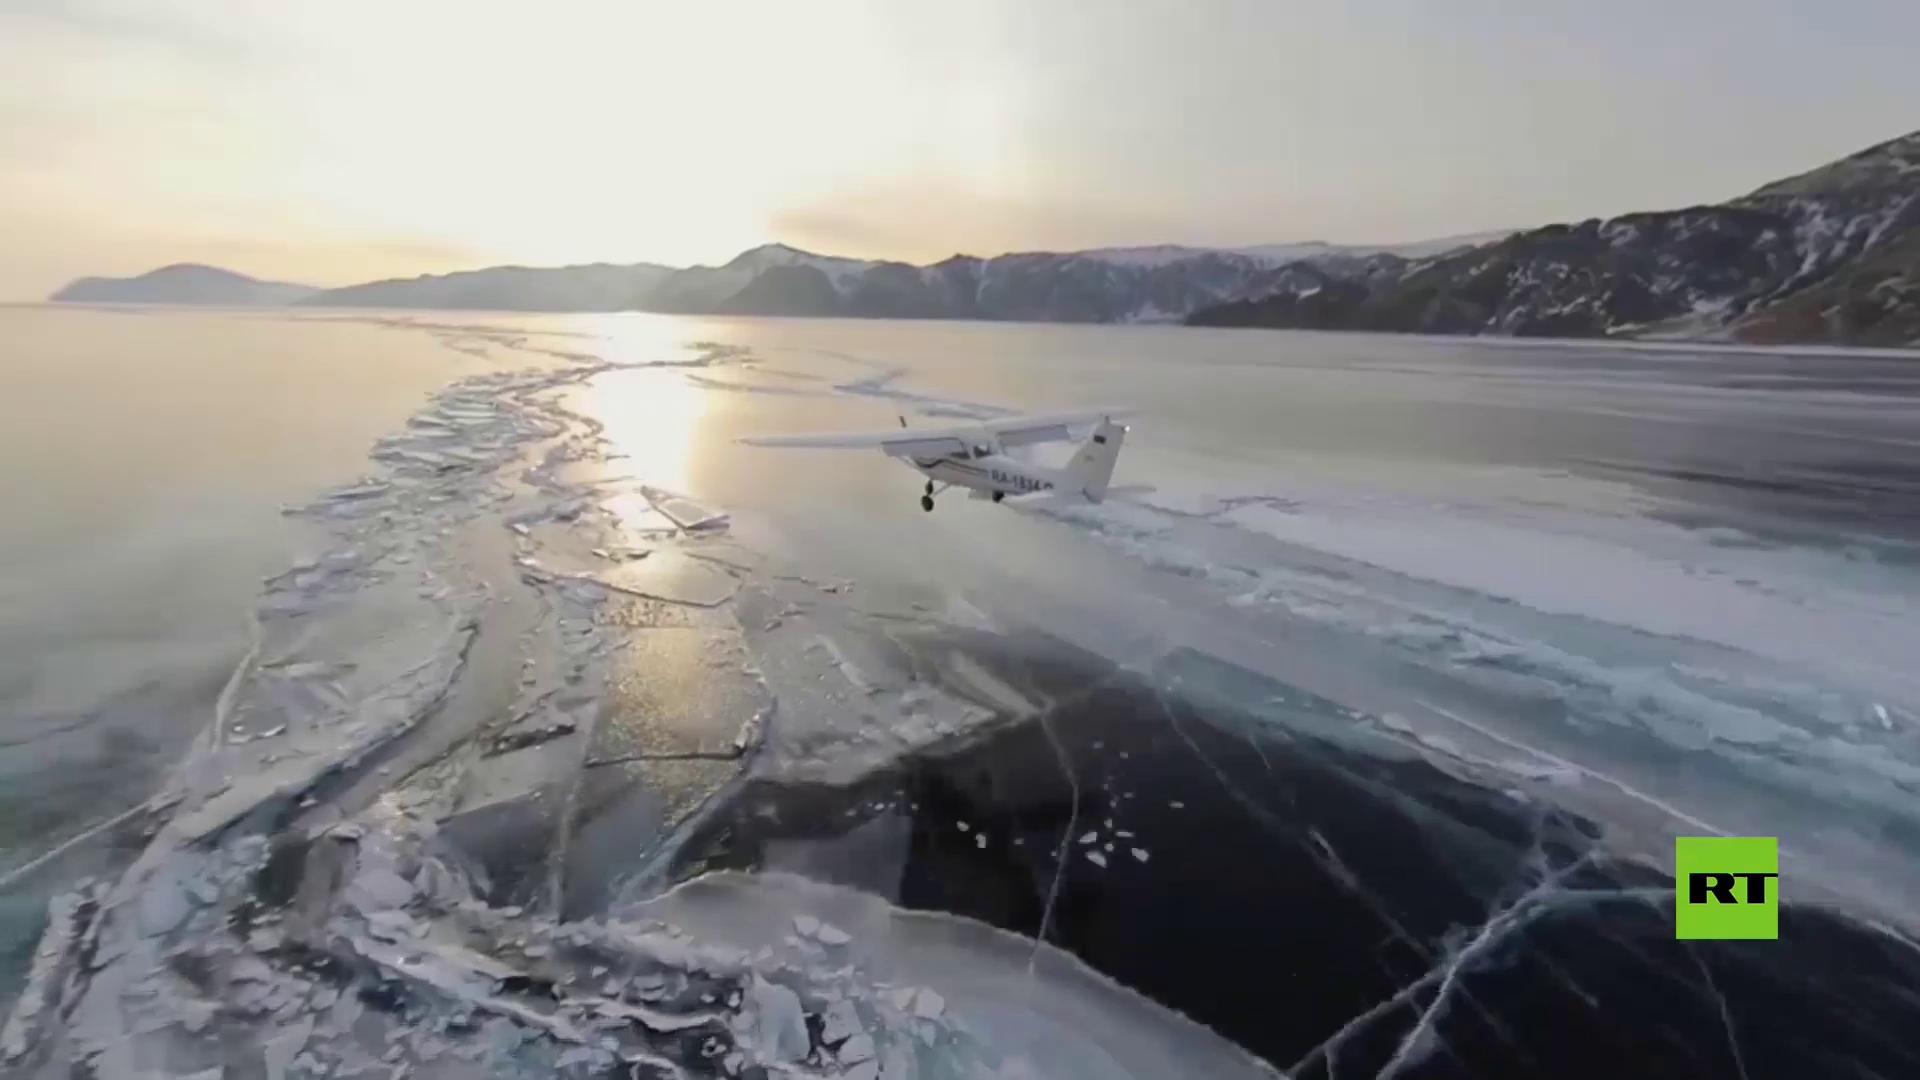 شاهد.. هبوط طائرة على جليد بحيرة البايكال